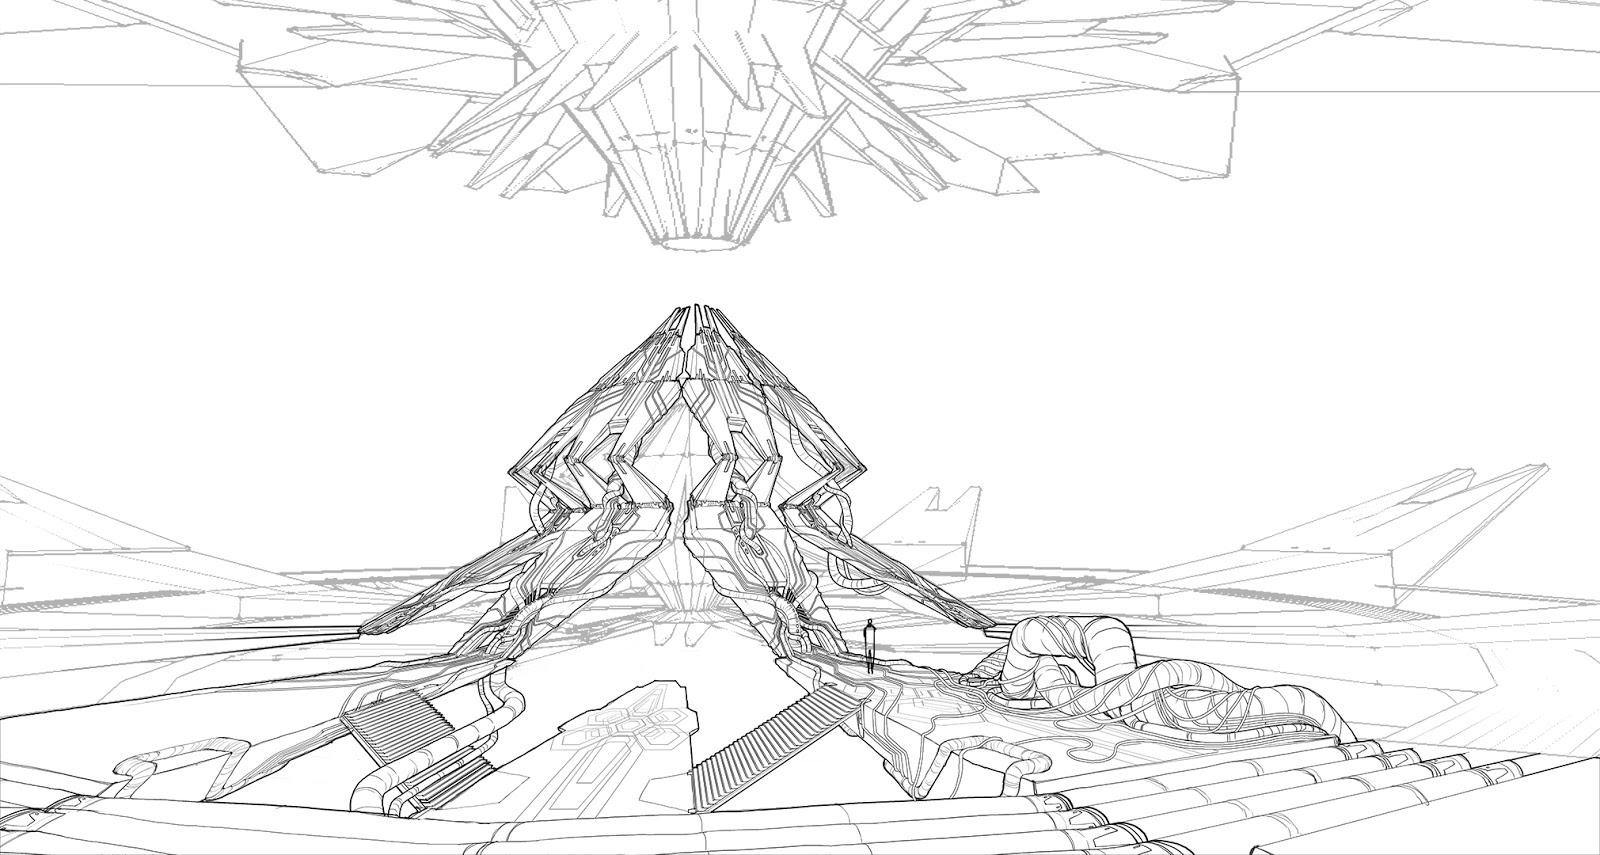 Takhle mohl původně vypadat Mass Effect a Dragon Age 85133